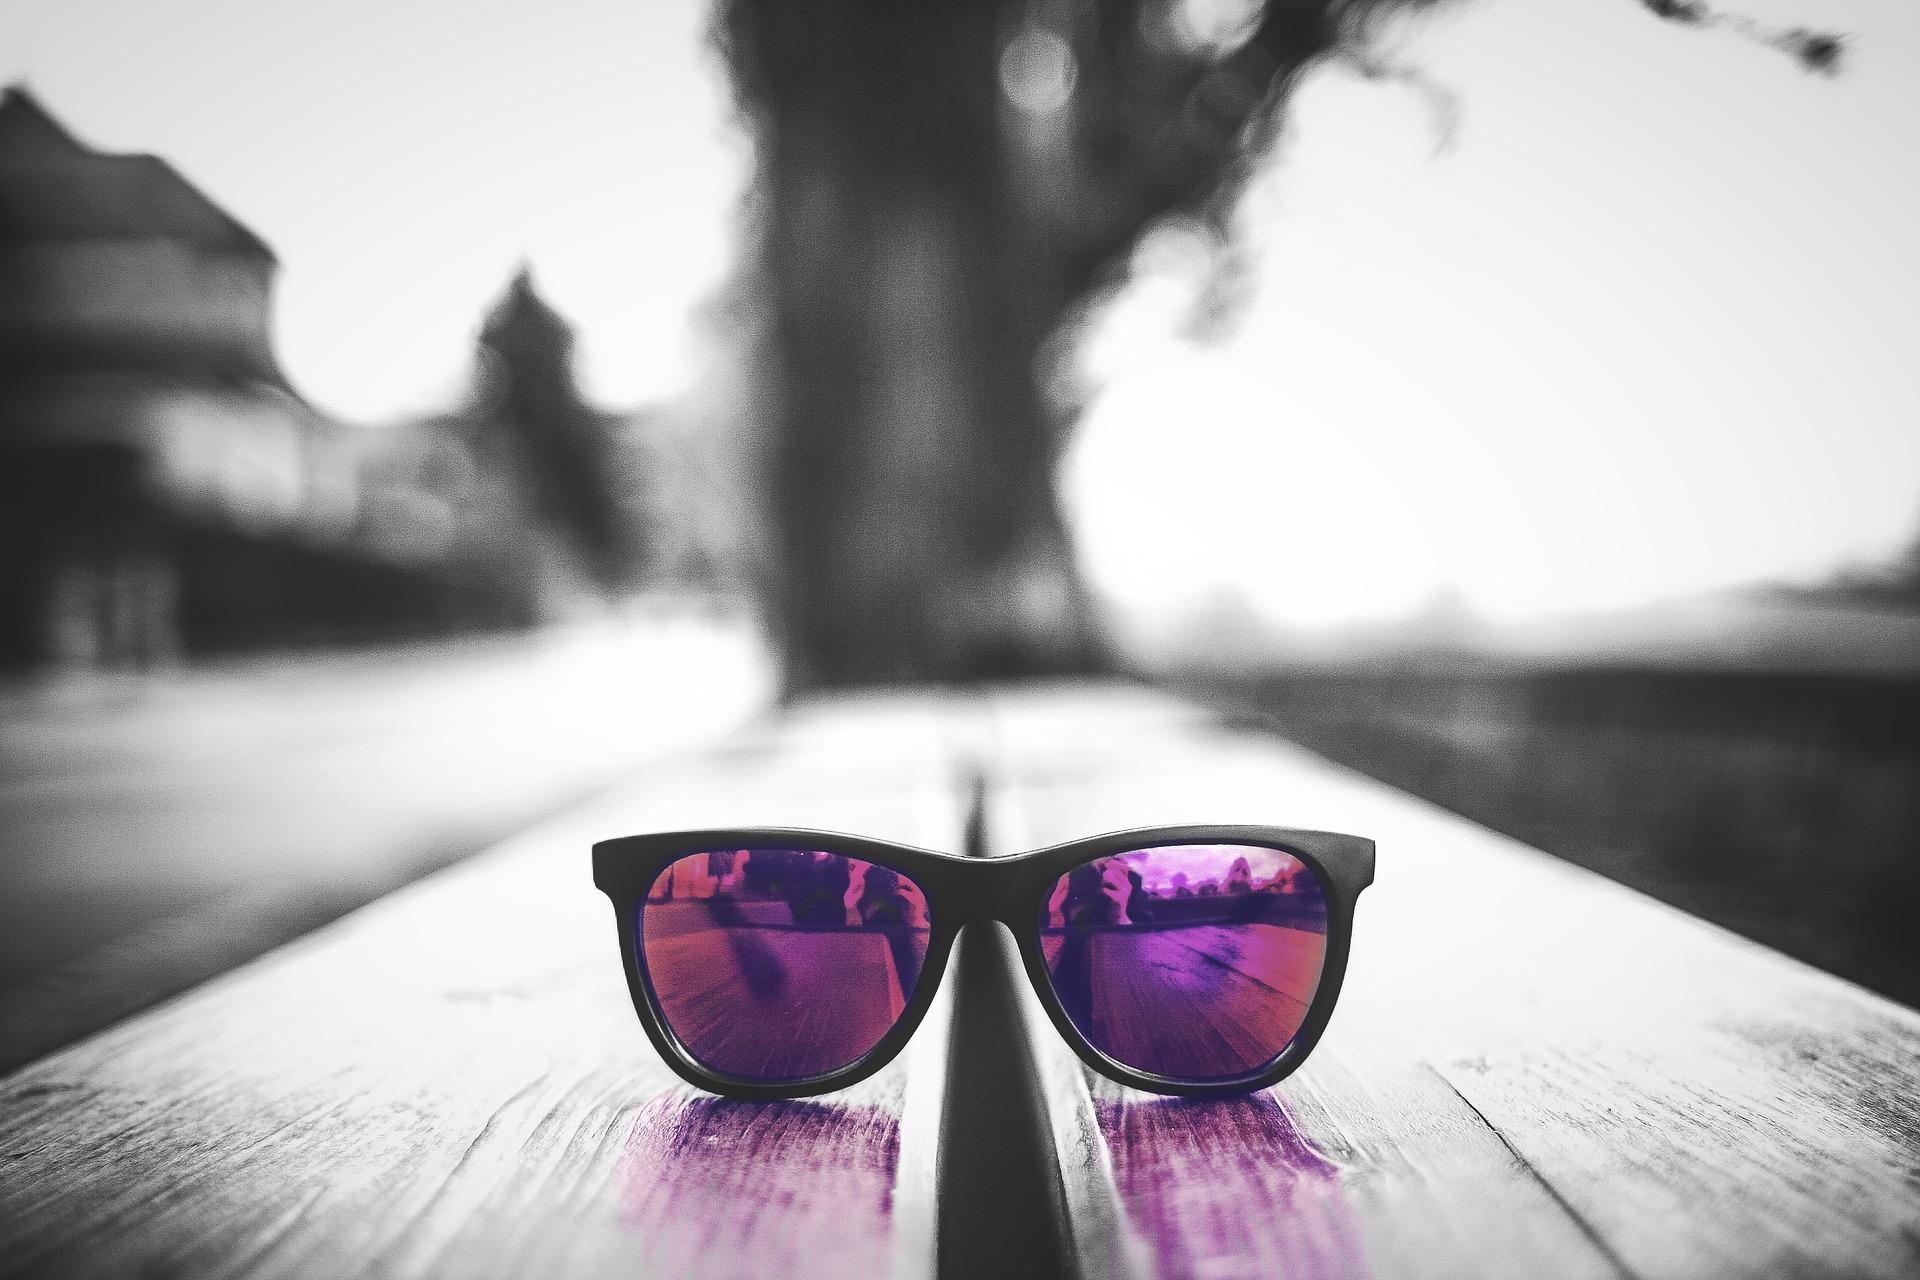 glasses-2144354_1920.jpg